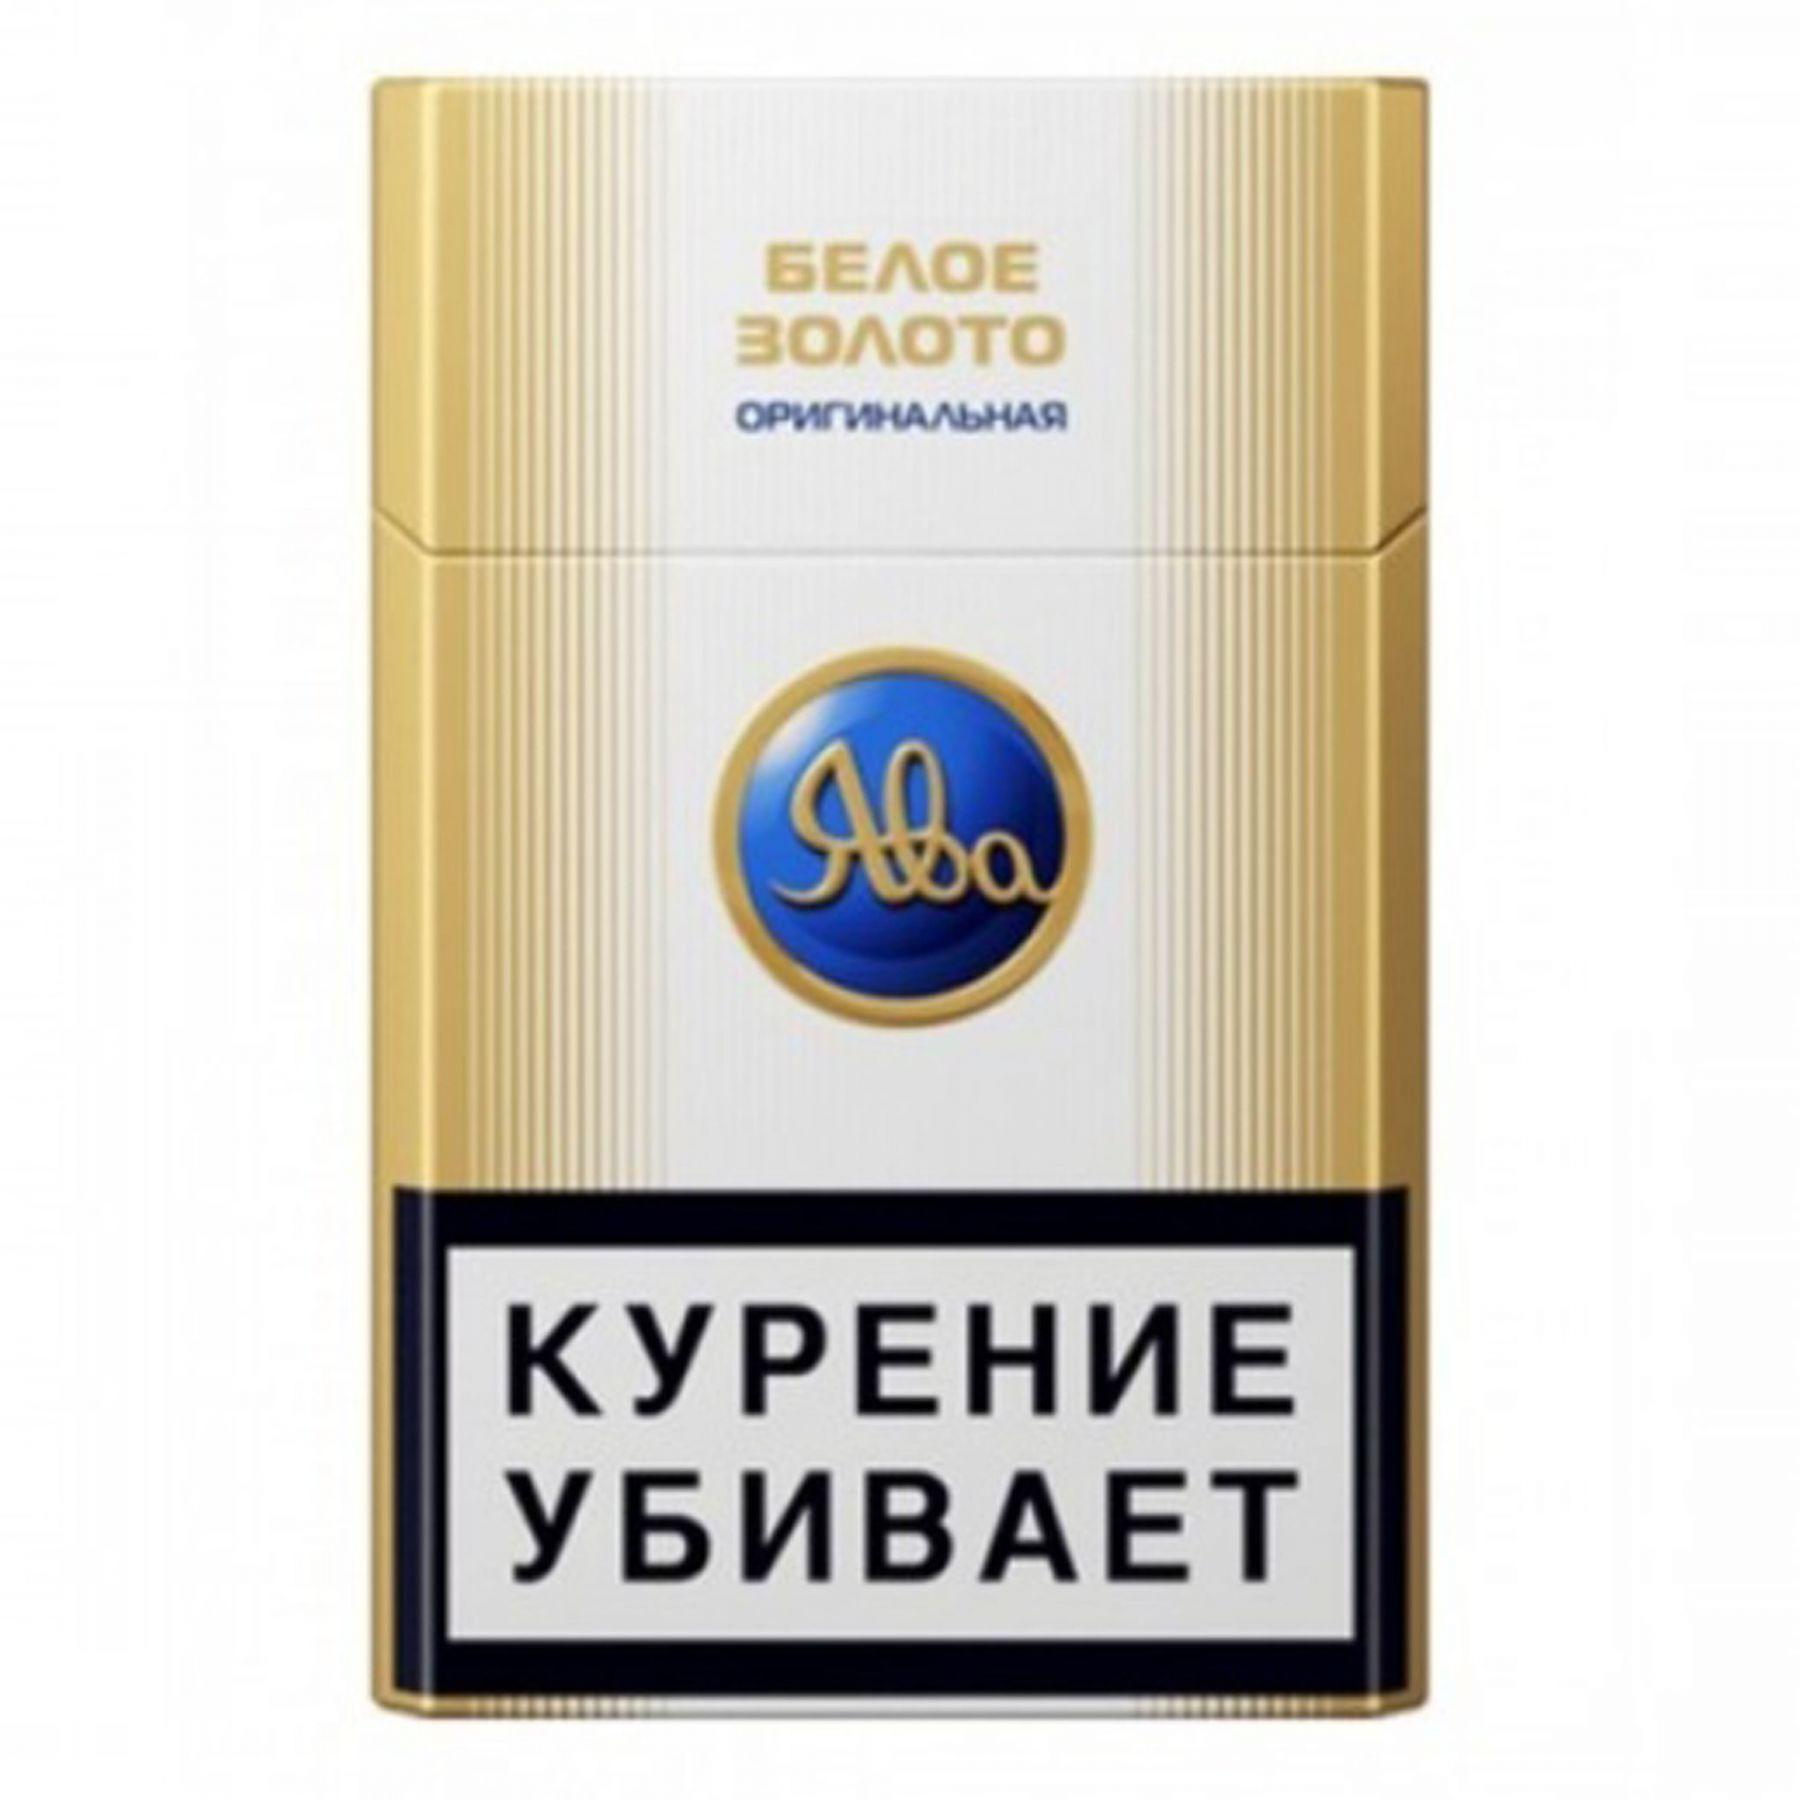 Сигареты ява золотая купить в спб оборот табачные изделия